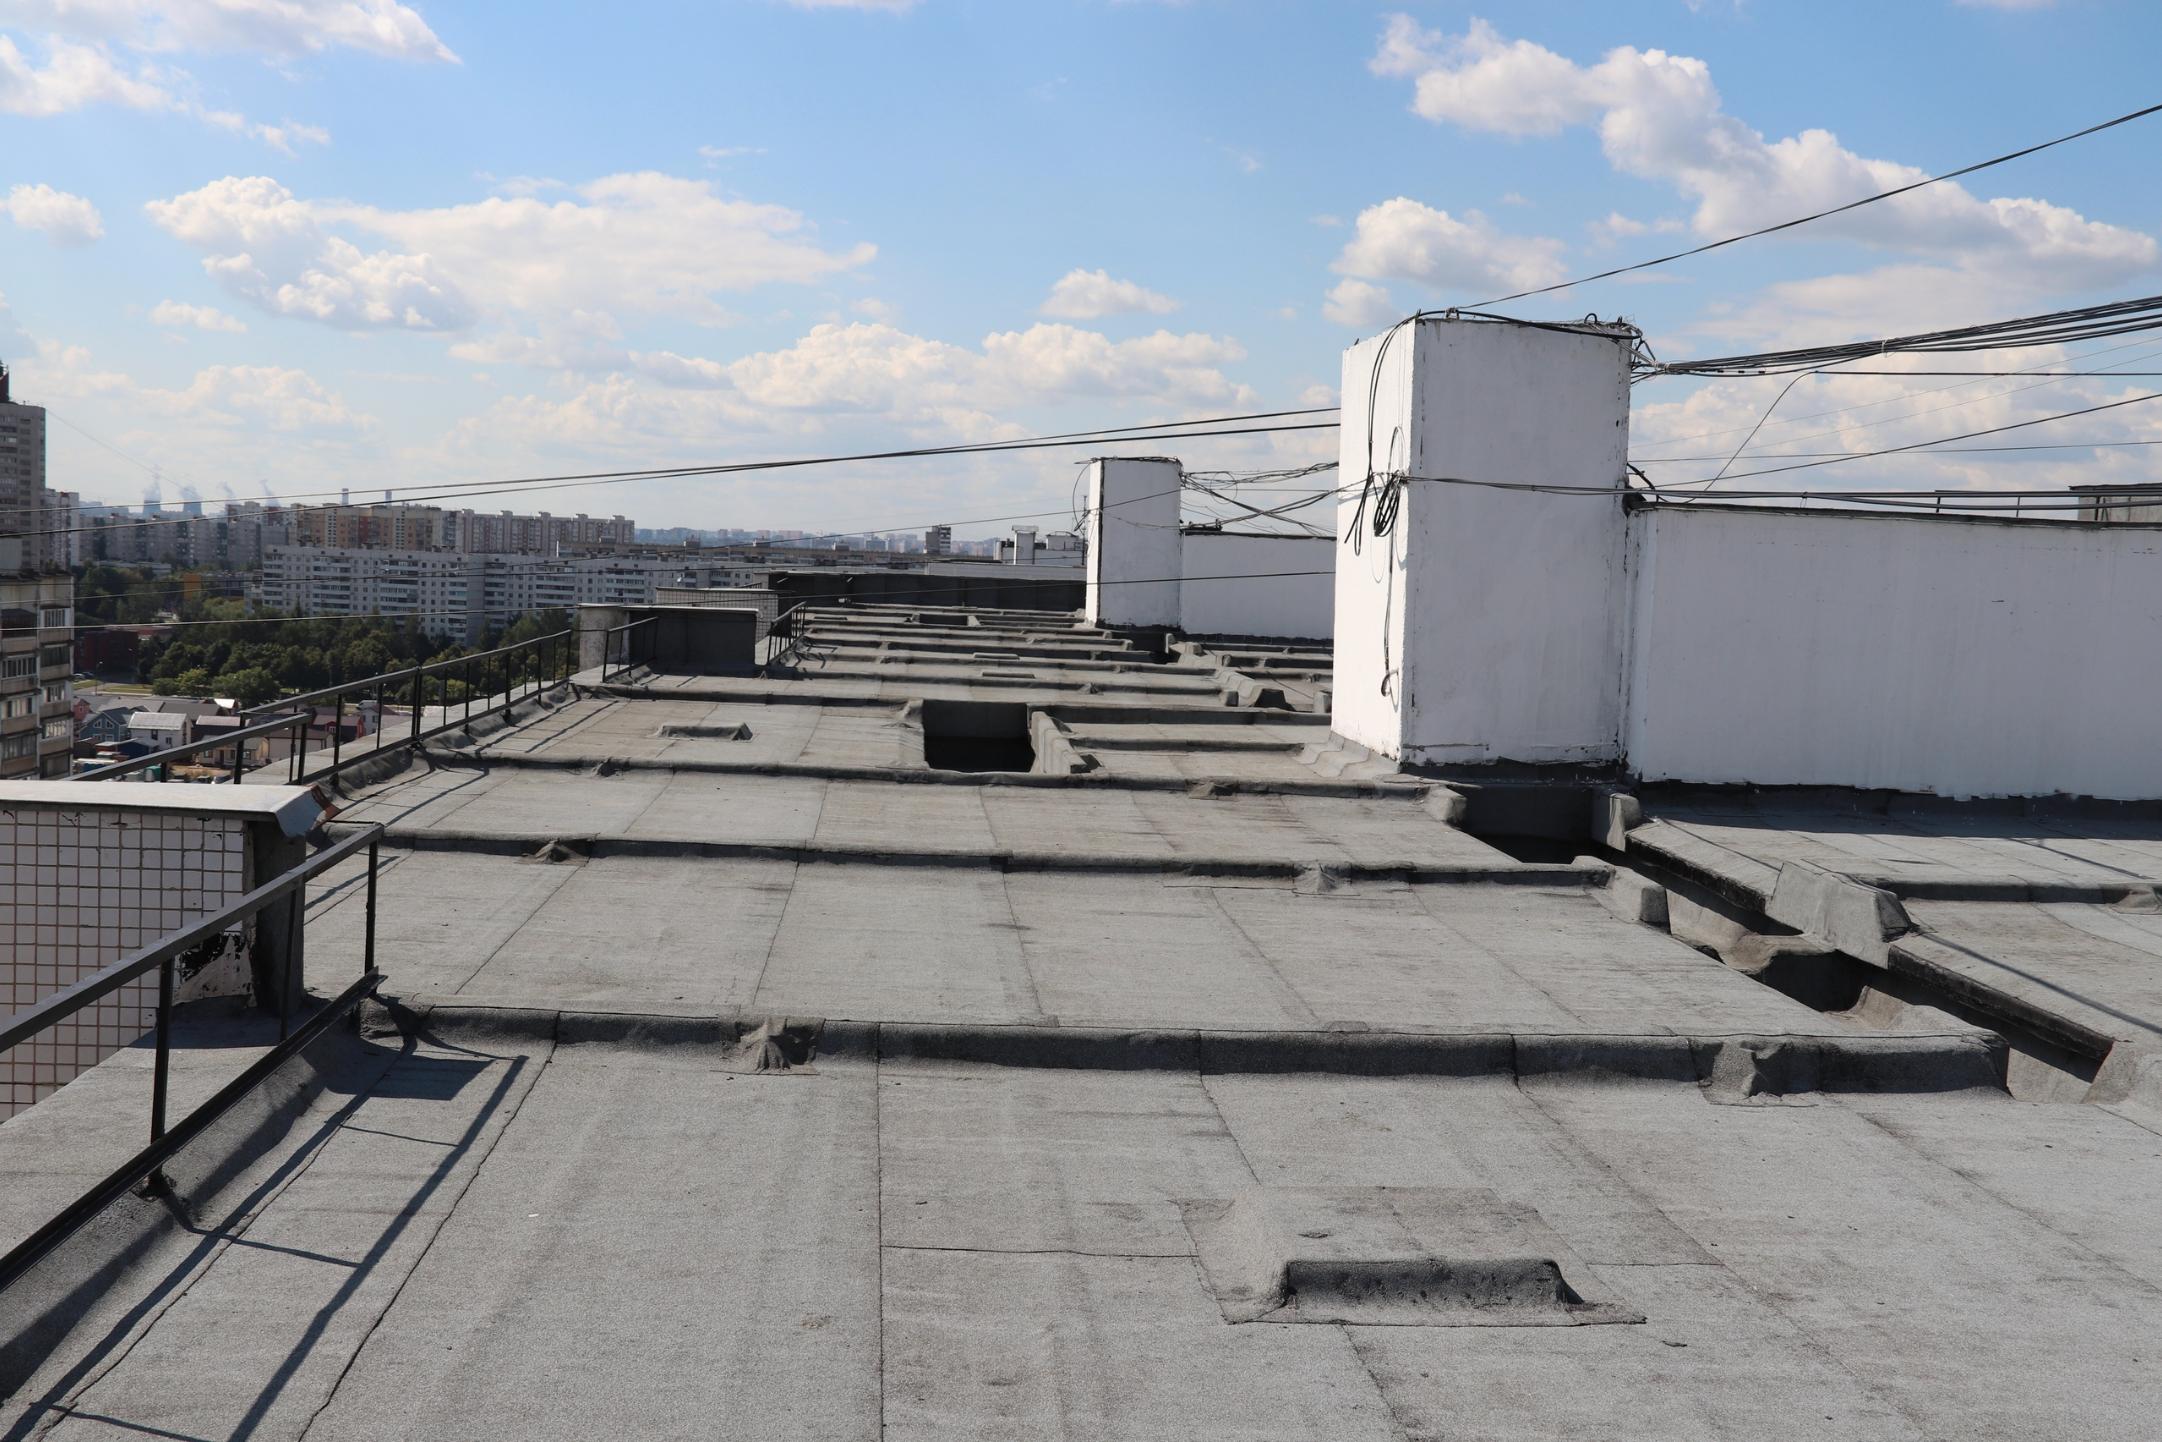 Крышу дома в Орехове-Борисове Южном проверили после капитального ремонта